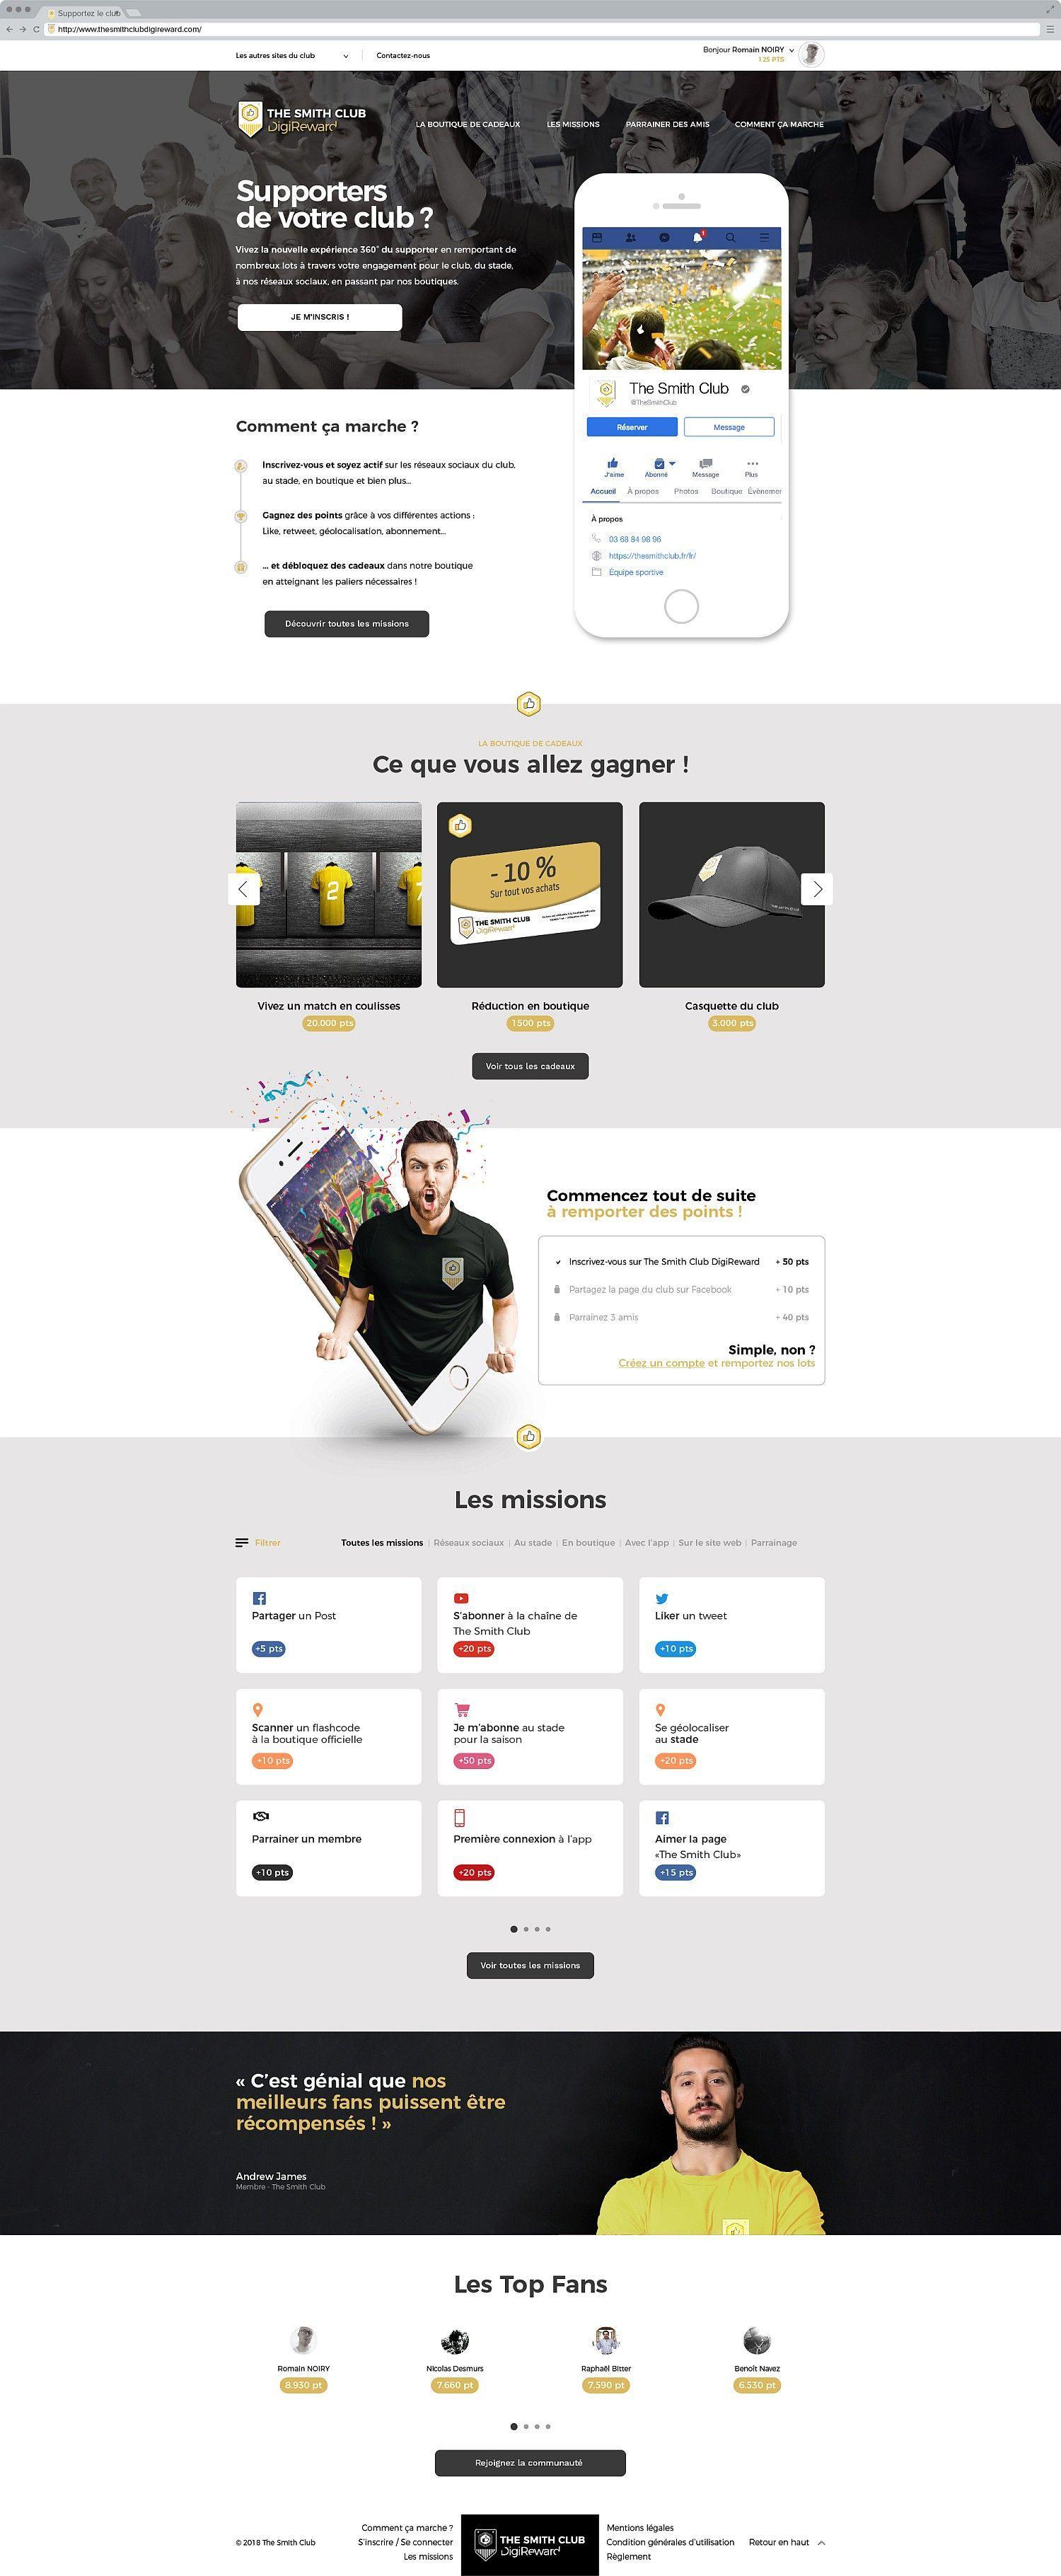 Maquette de la page d'accueil du programme DigiReward pour les fans d'un club sportif.